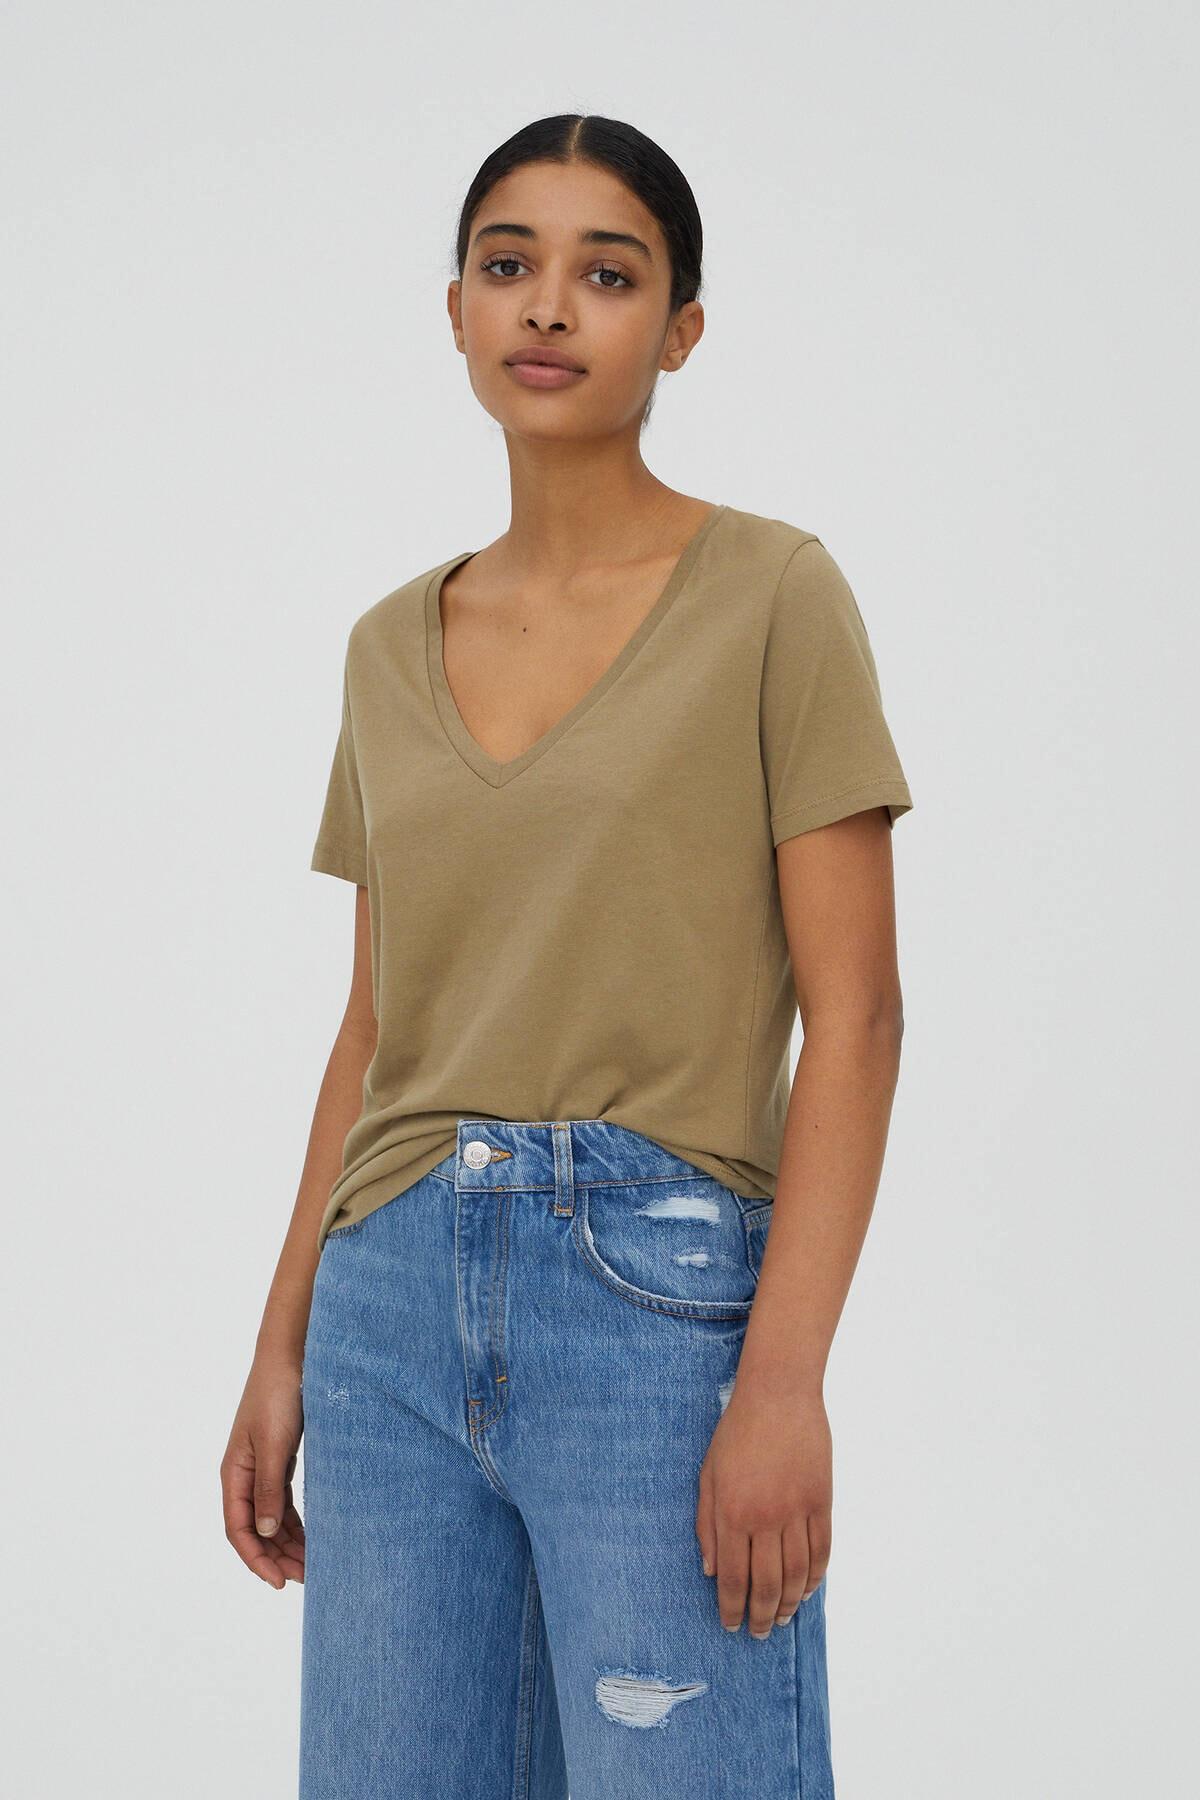 Pull & Bear Kadın Orta Haki V Yaka Pamuklu T-Shirt 05234358 1